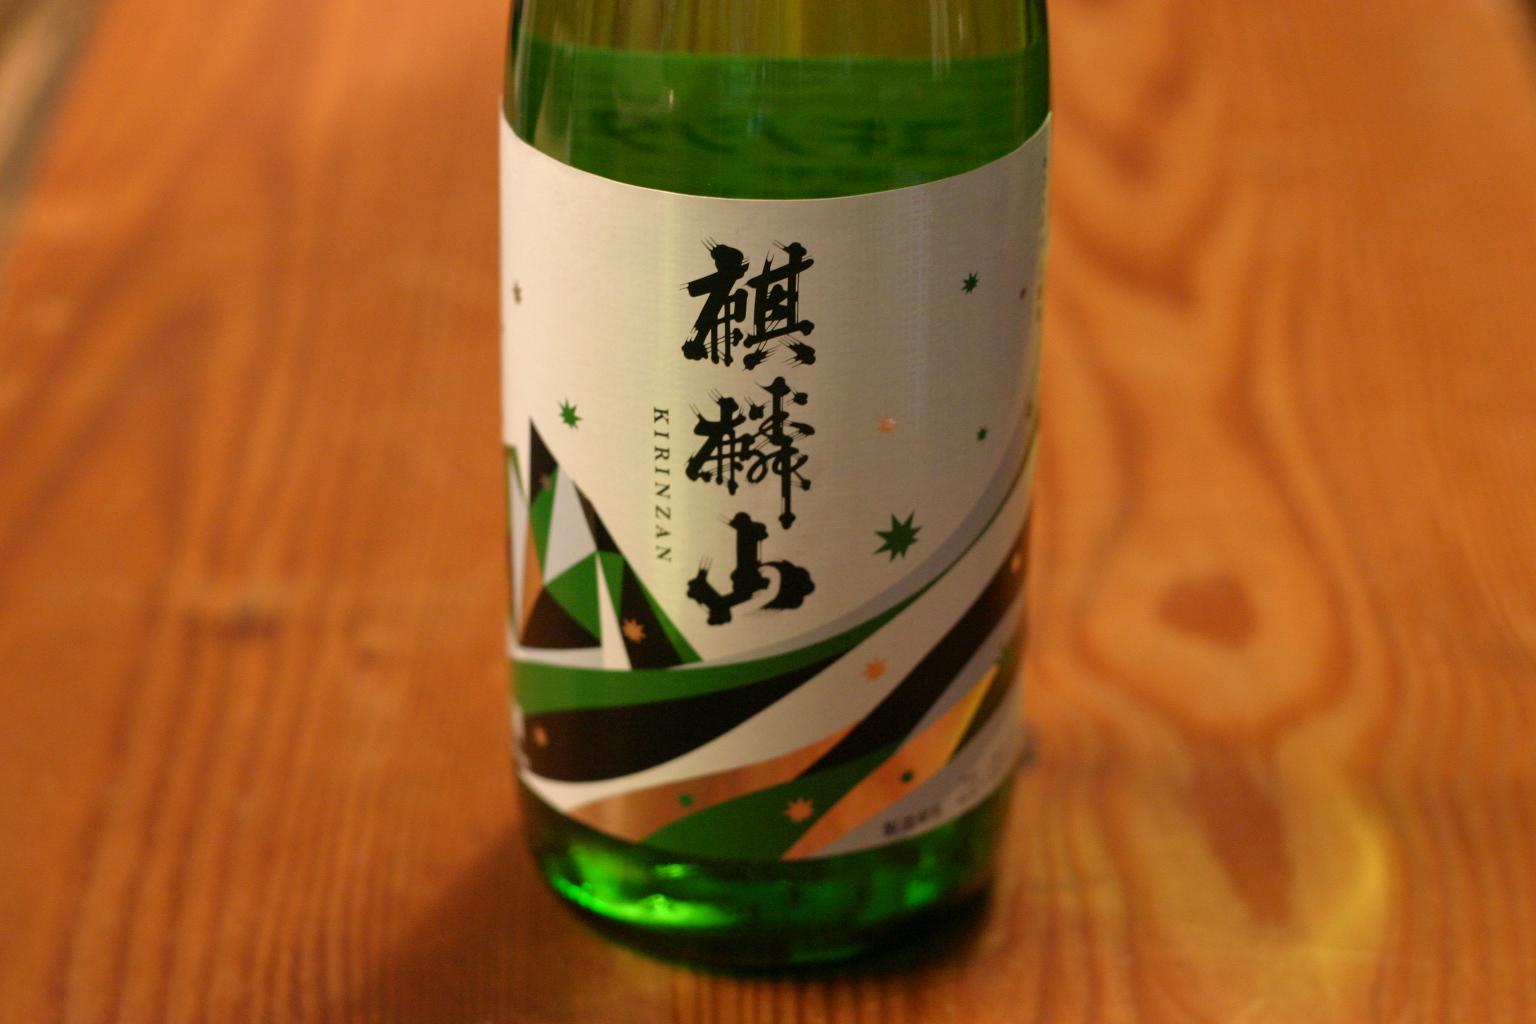 新作続 麒麟山酒造 麒麟山 品質保証 1.8L ユキノシタ